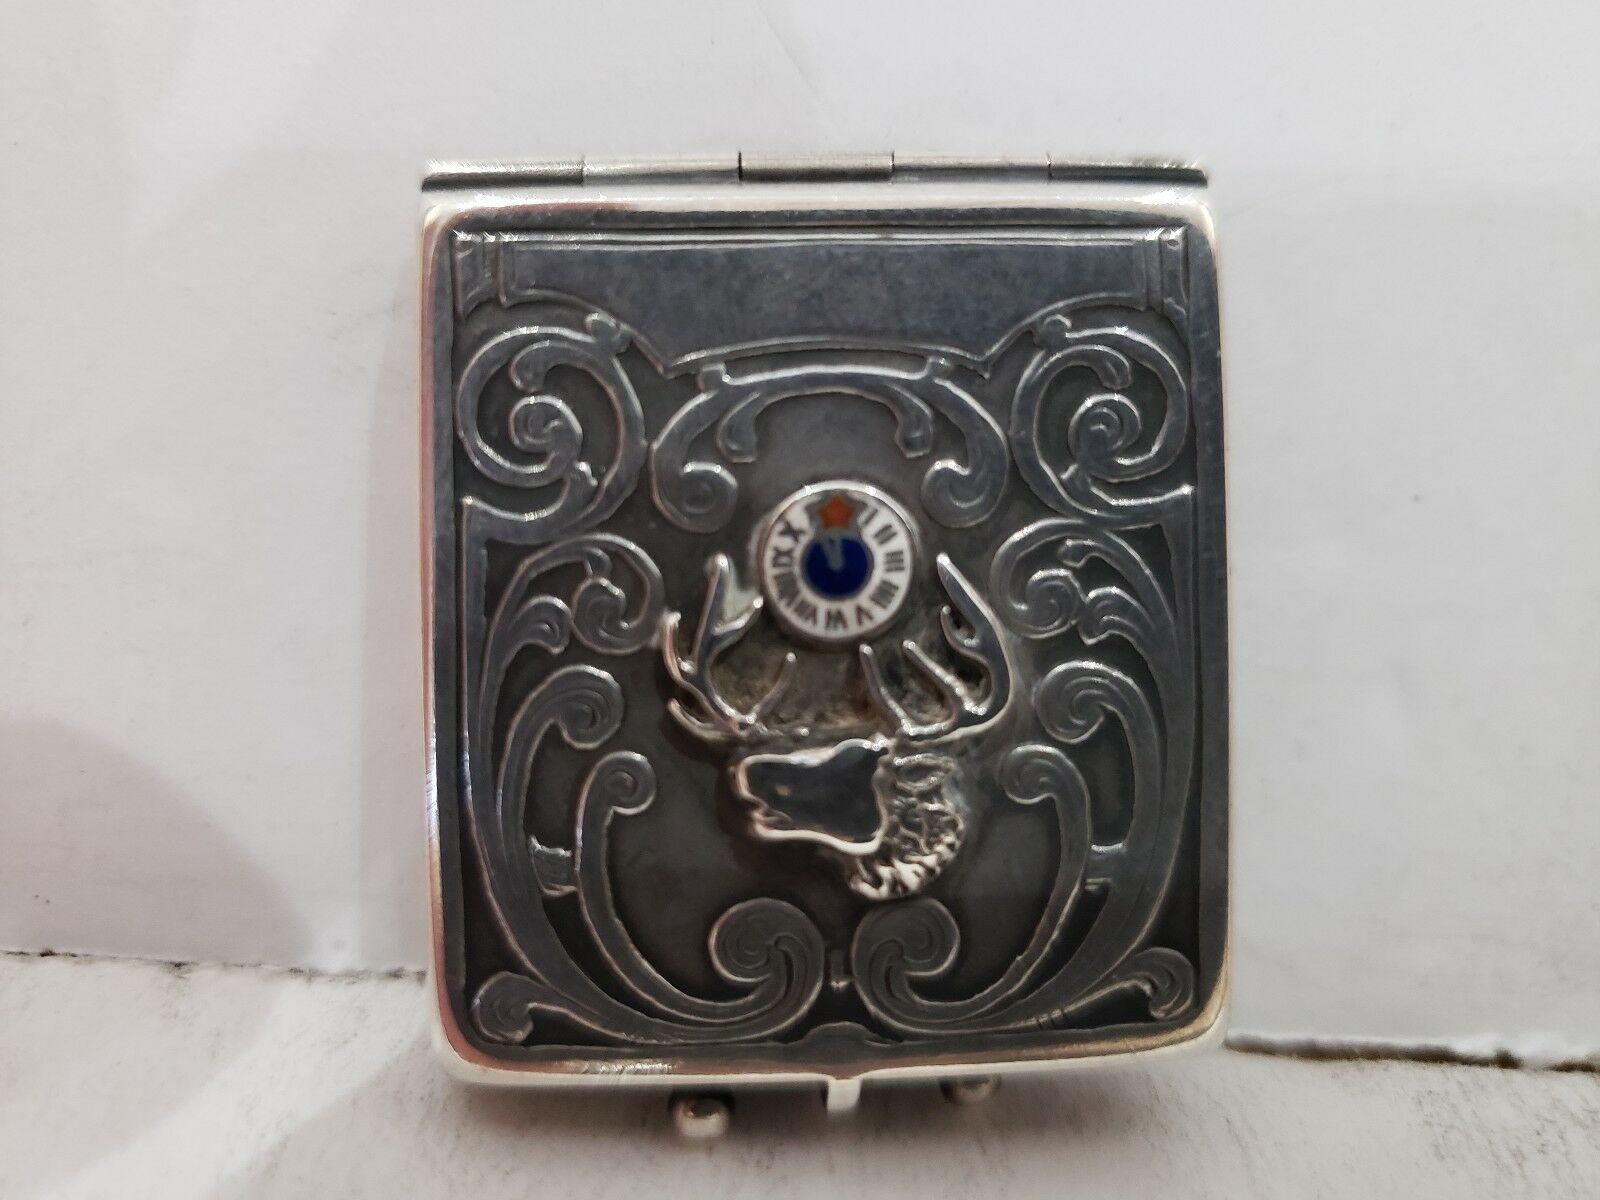 Antique Fraternal Elks BPOE Sterling Silver Card Case / Enameled Plague -1900's image 2